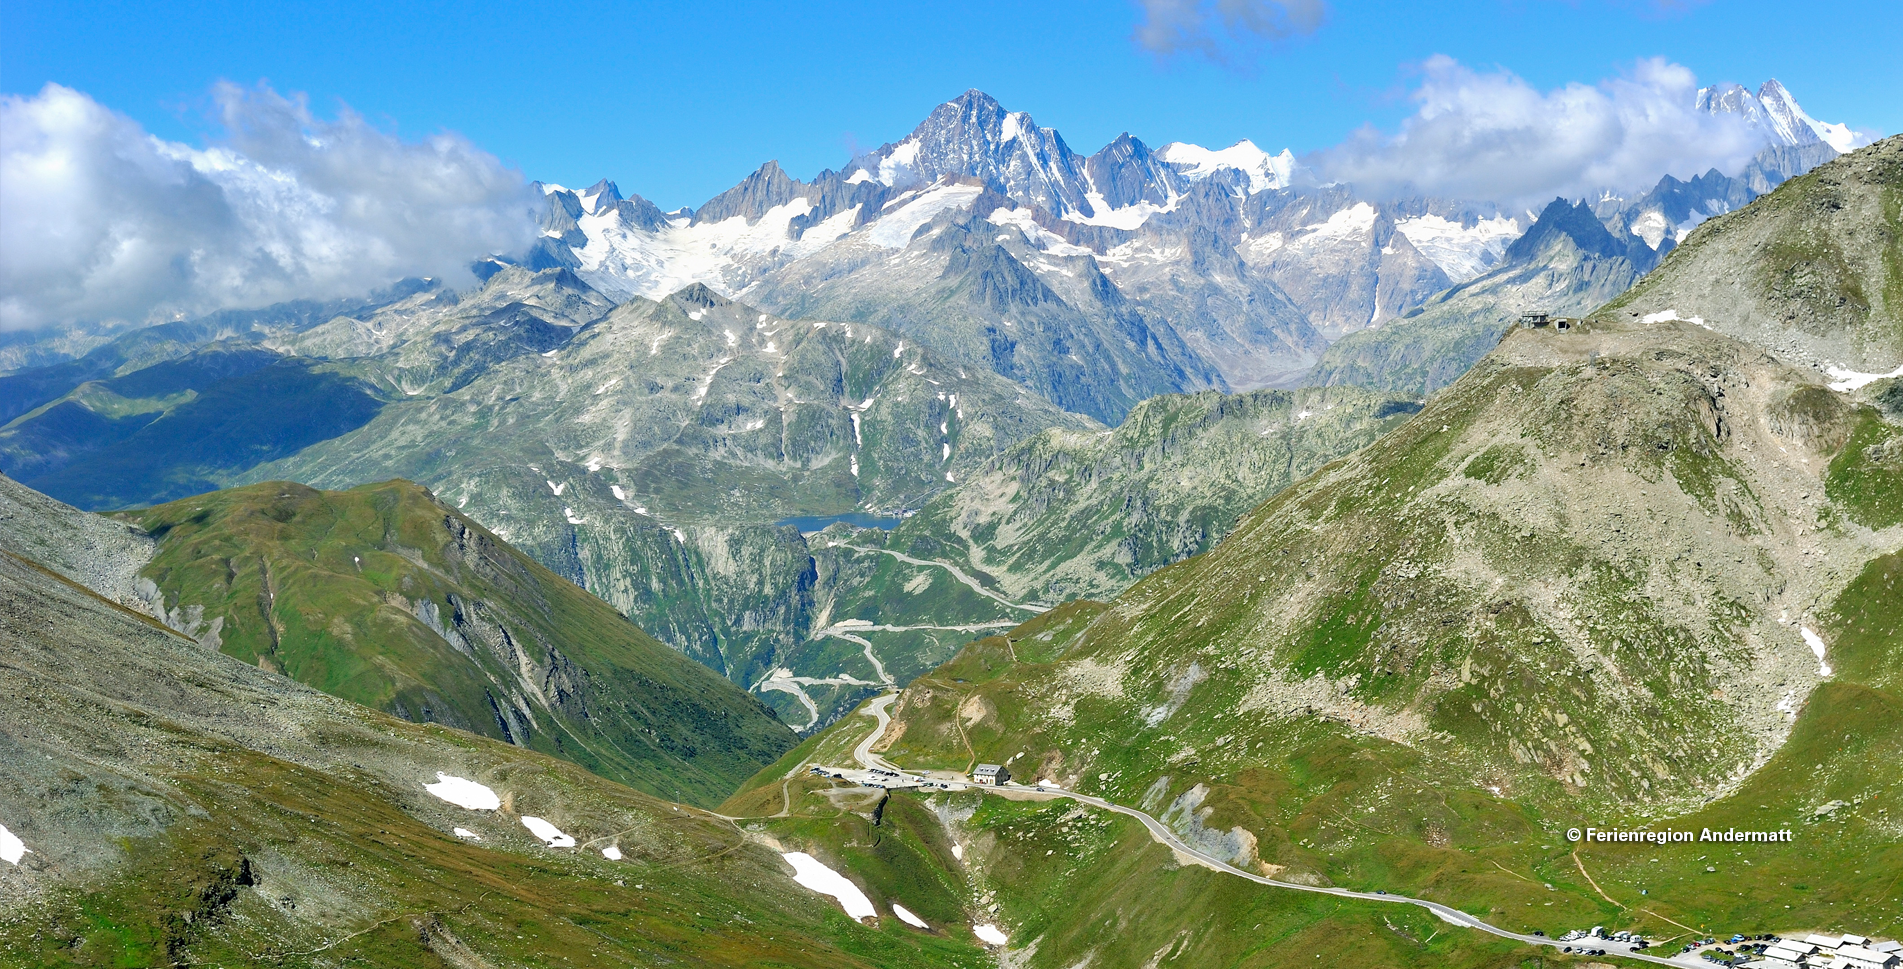 Wanderung im Ursnertal / Urschnertal vom Furkapass, Hotel Furkablick via Galenbödmen zur Sidelenhütte und mit Abstieg zur Bushaltestelle Sidelenbach (Furka)